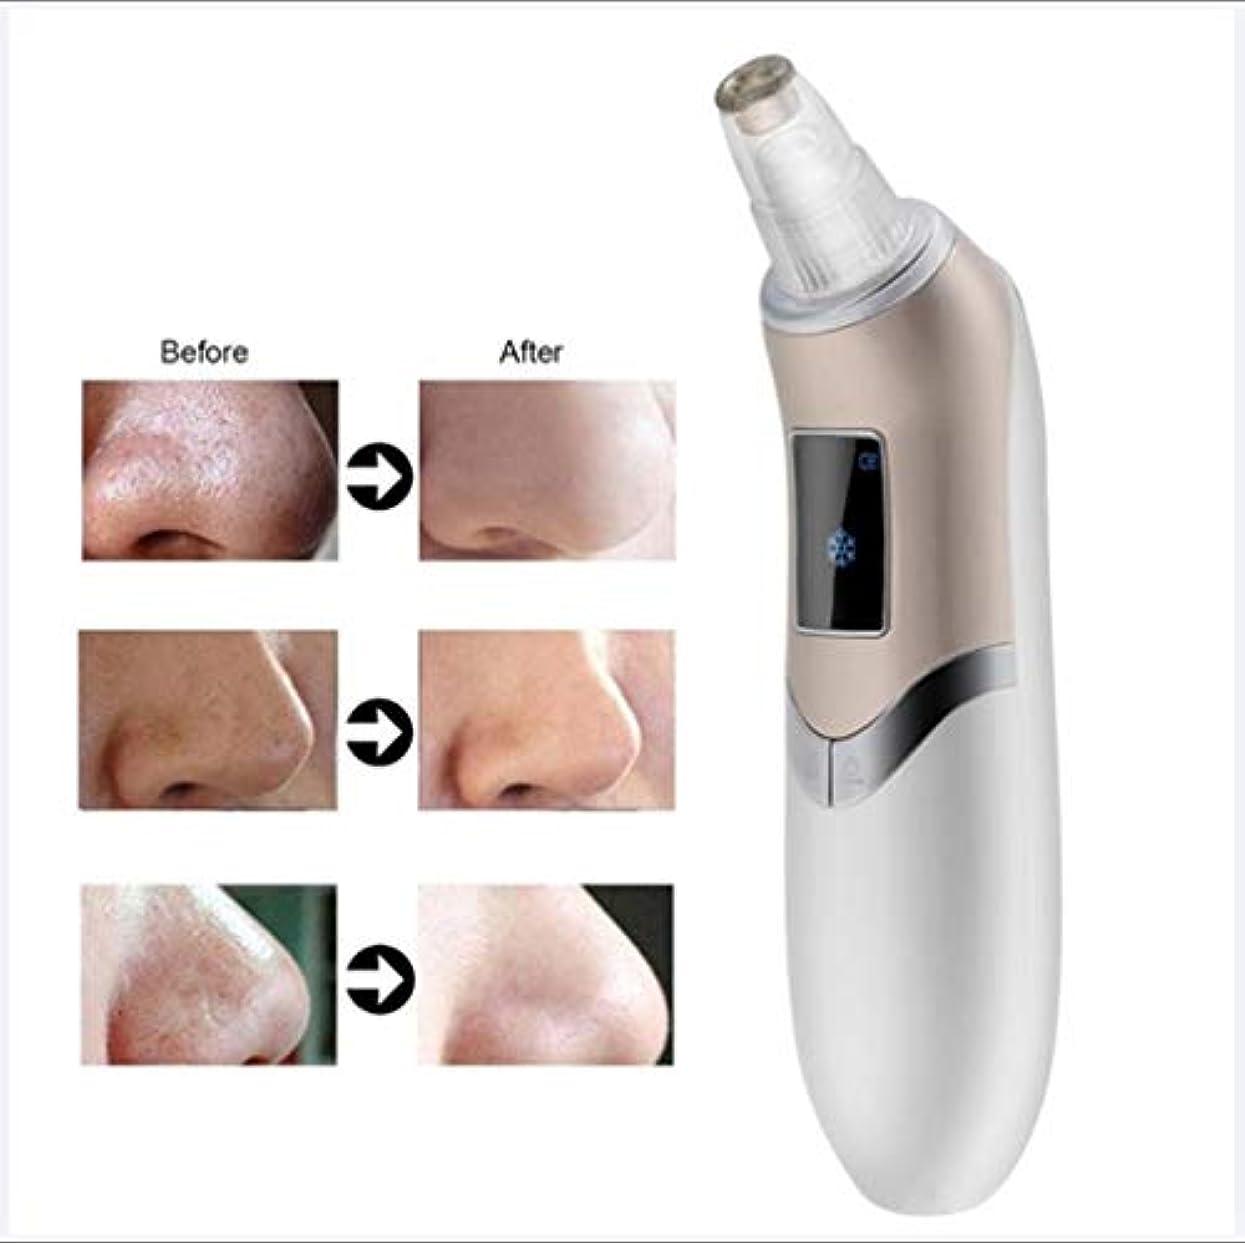 引退した人口見込み洗顔料 - にきび掃除機 - 電気にきびマイクロダーマブレーション - 美容